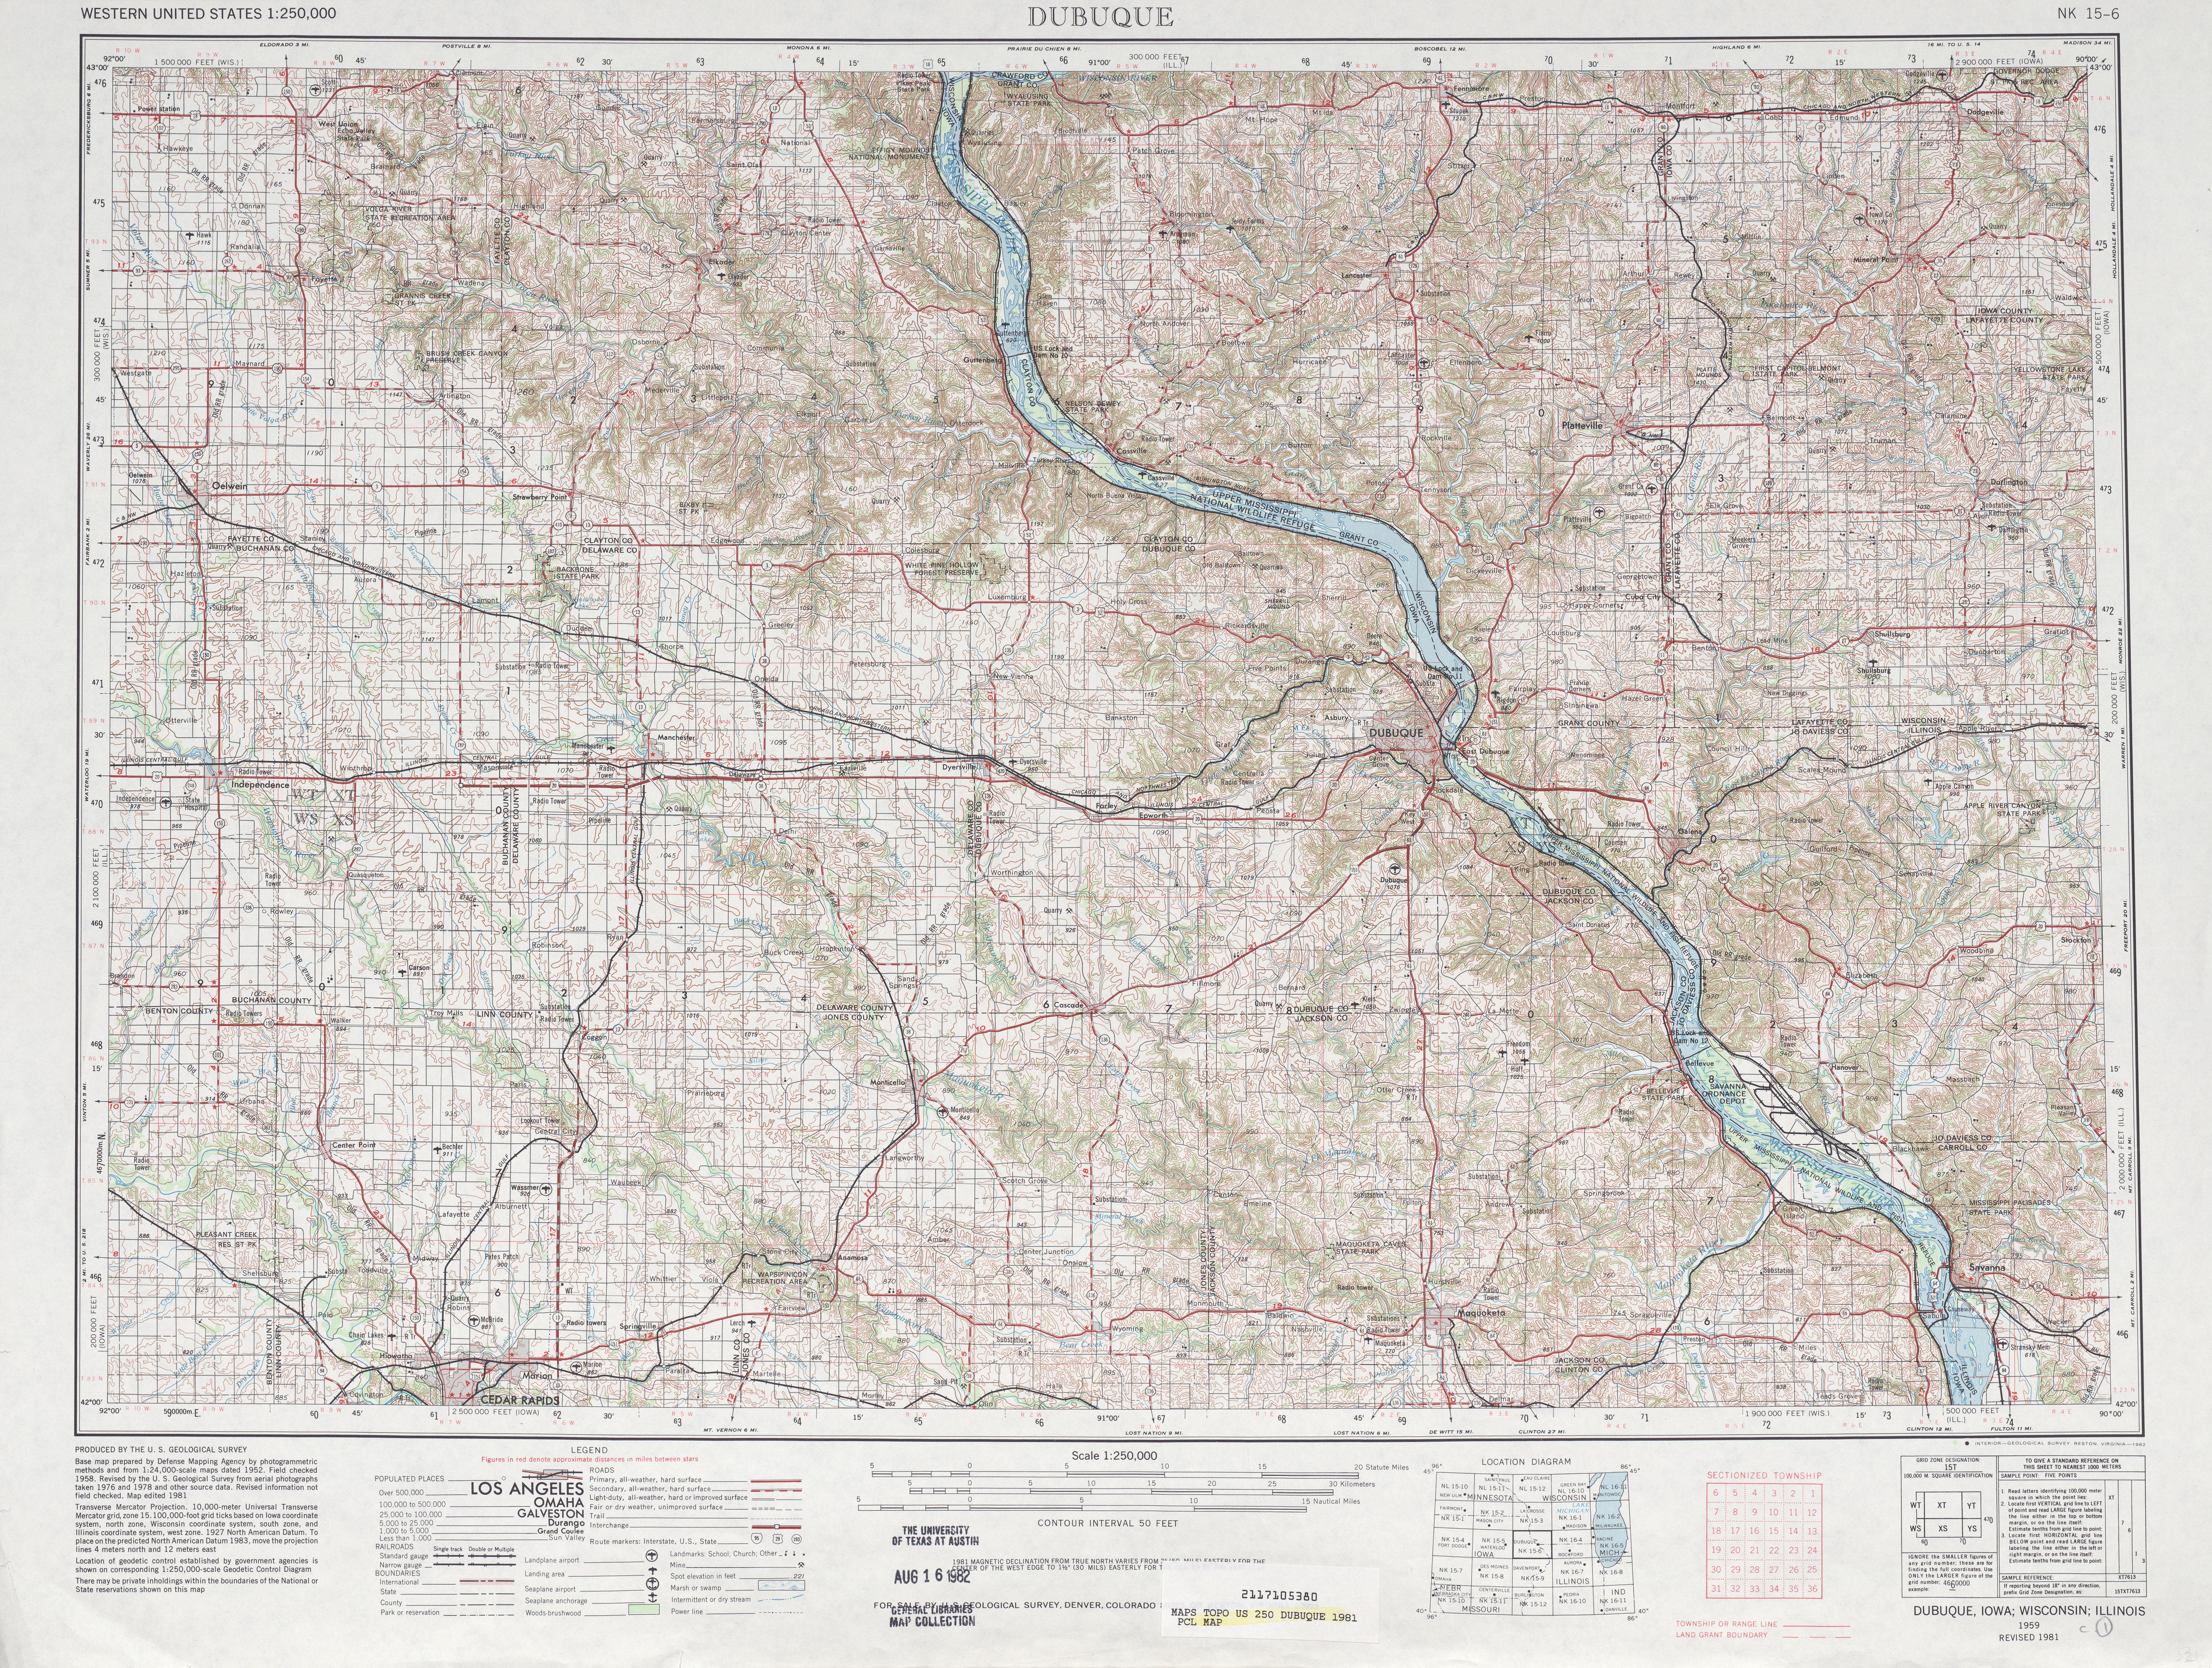 Hoja Dubuque del Mapa Topográfico de los Estados Unidos 1981